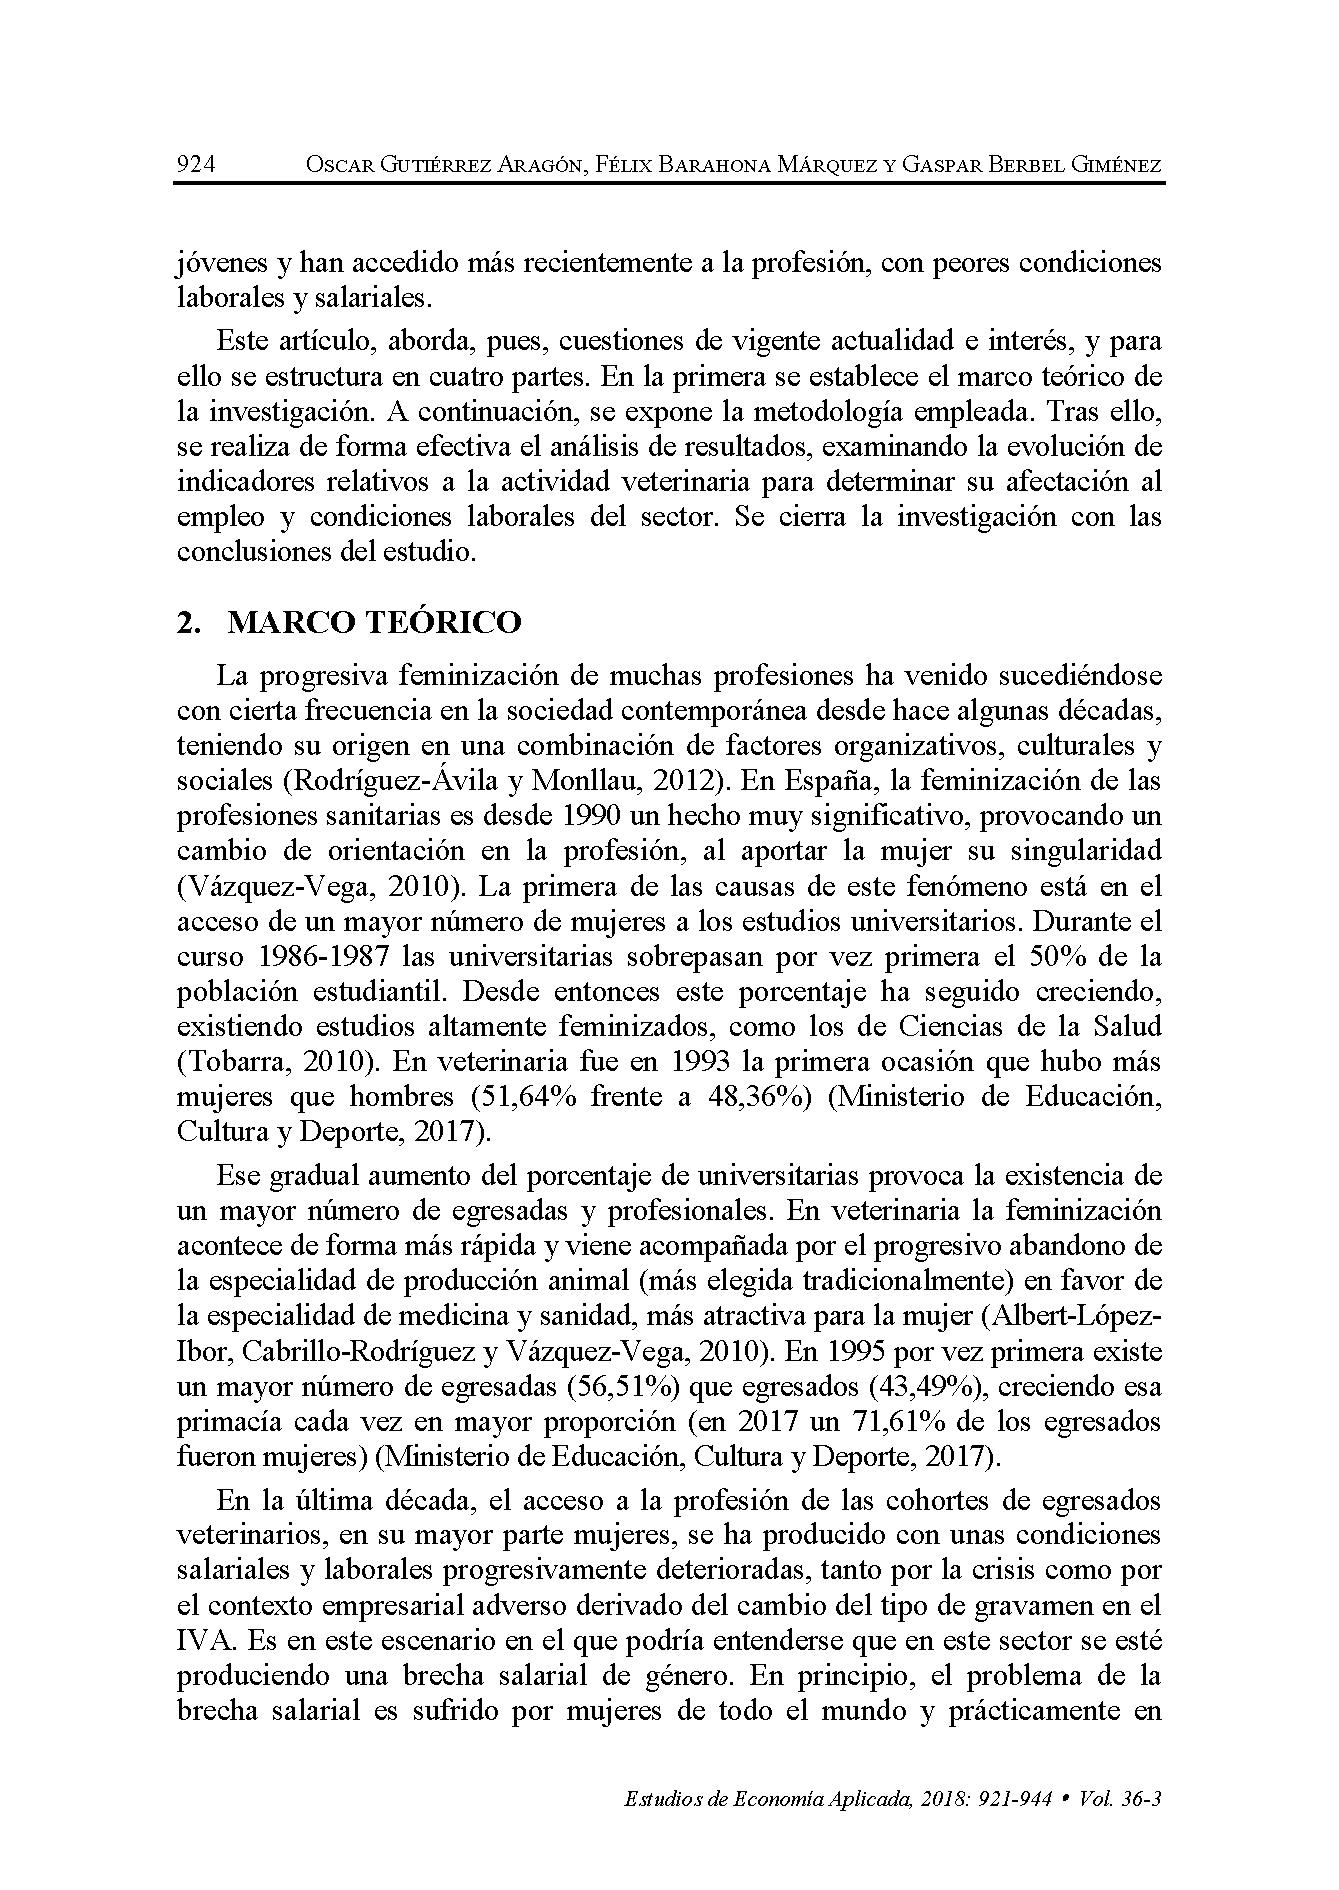 Efectos incremento IVA sobre condiciones laborales sector veterinario (EEA)_Página_04